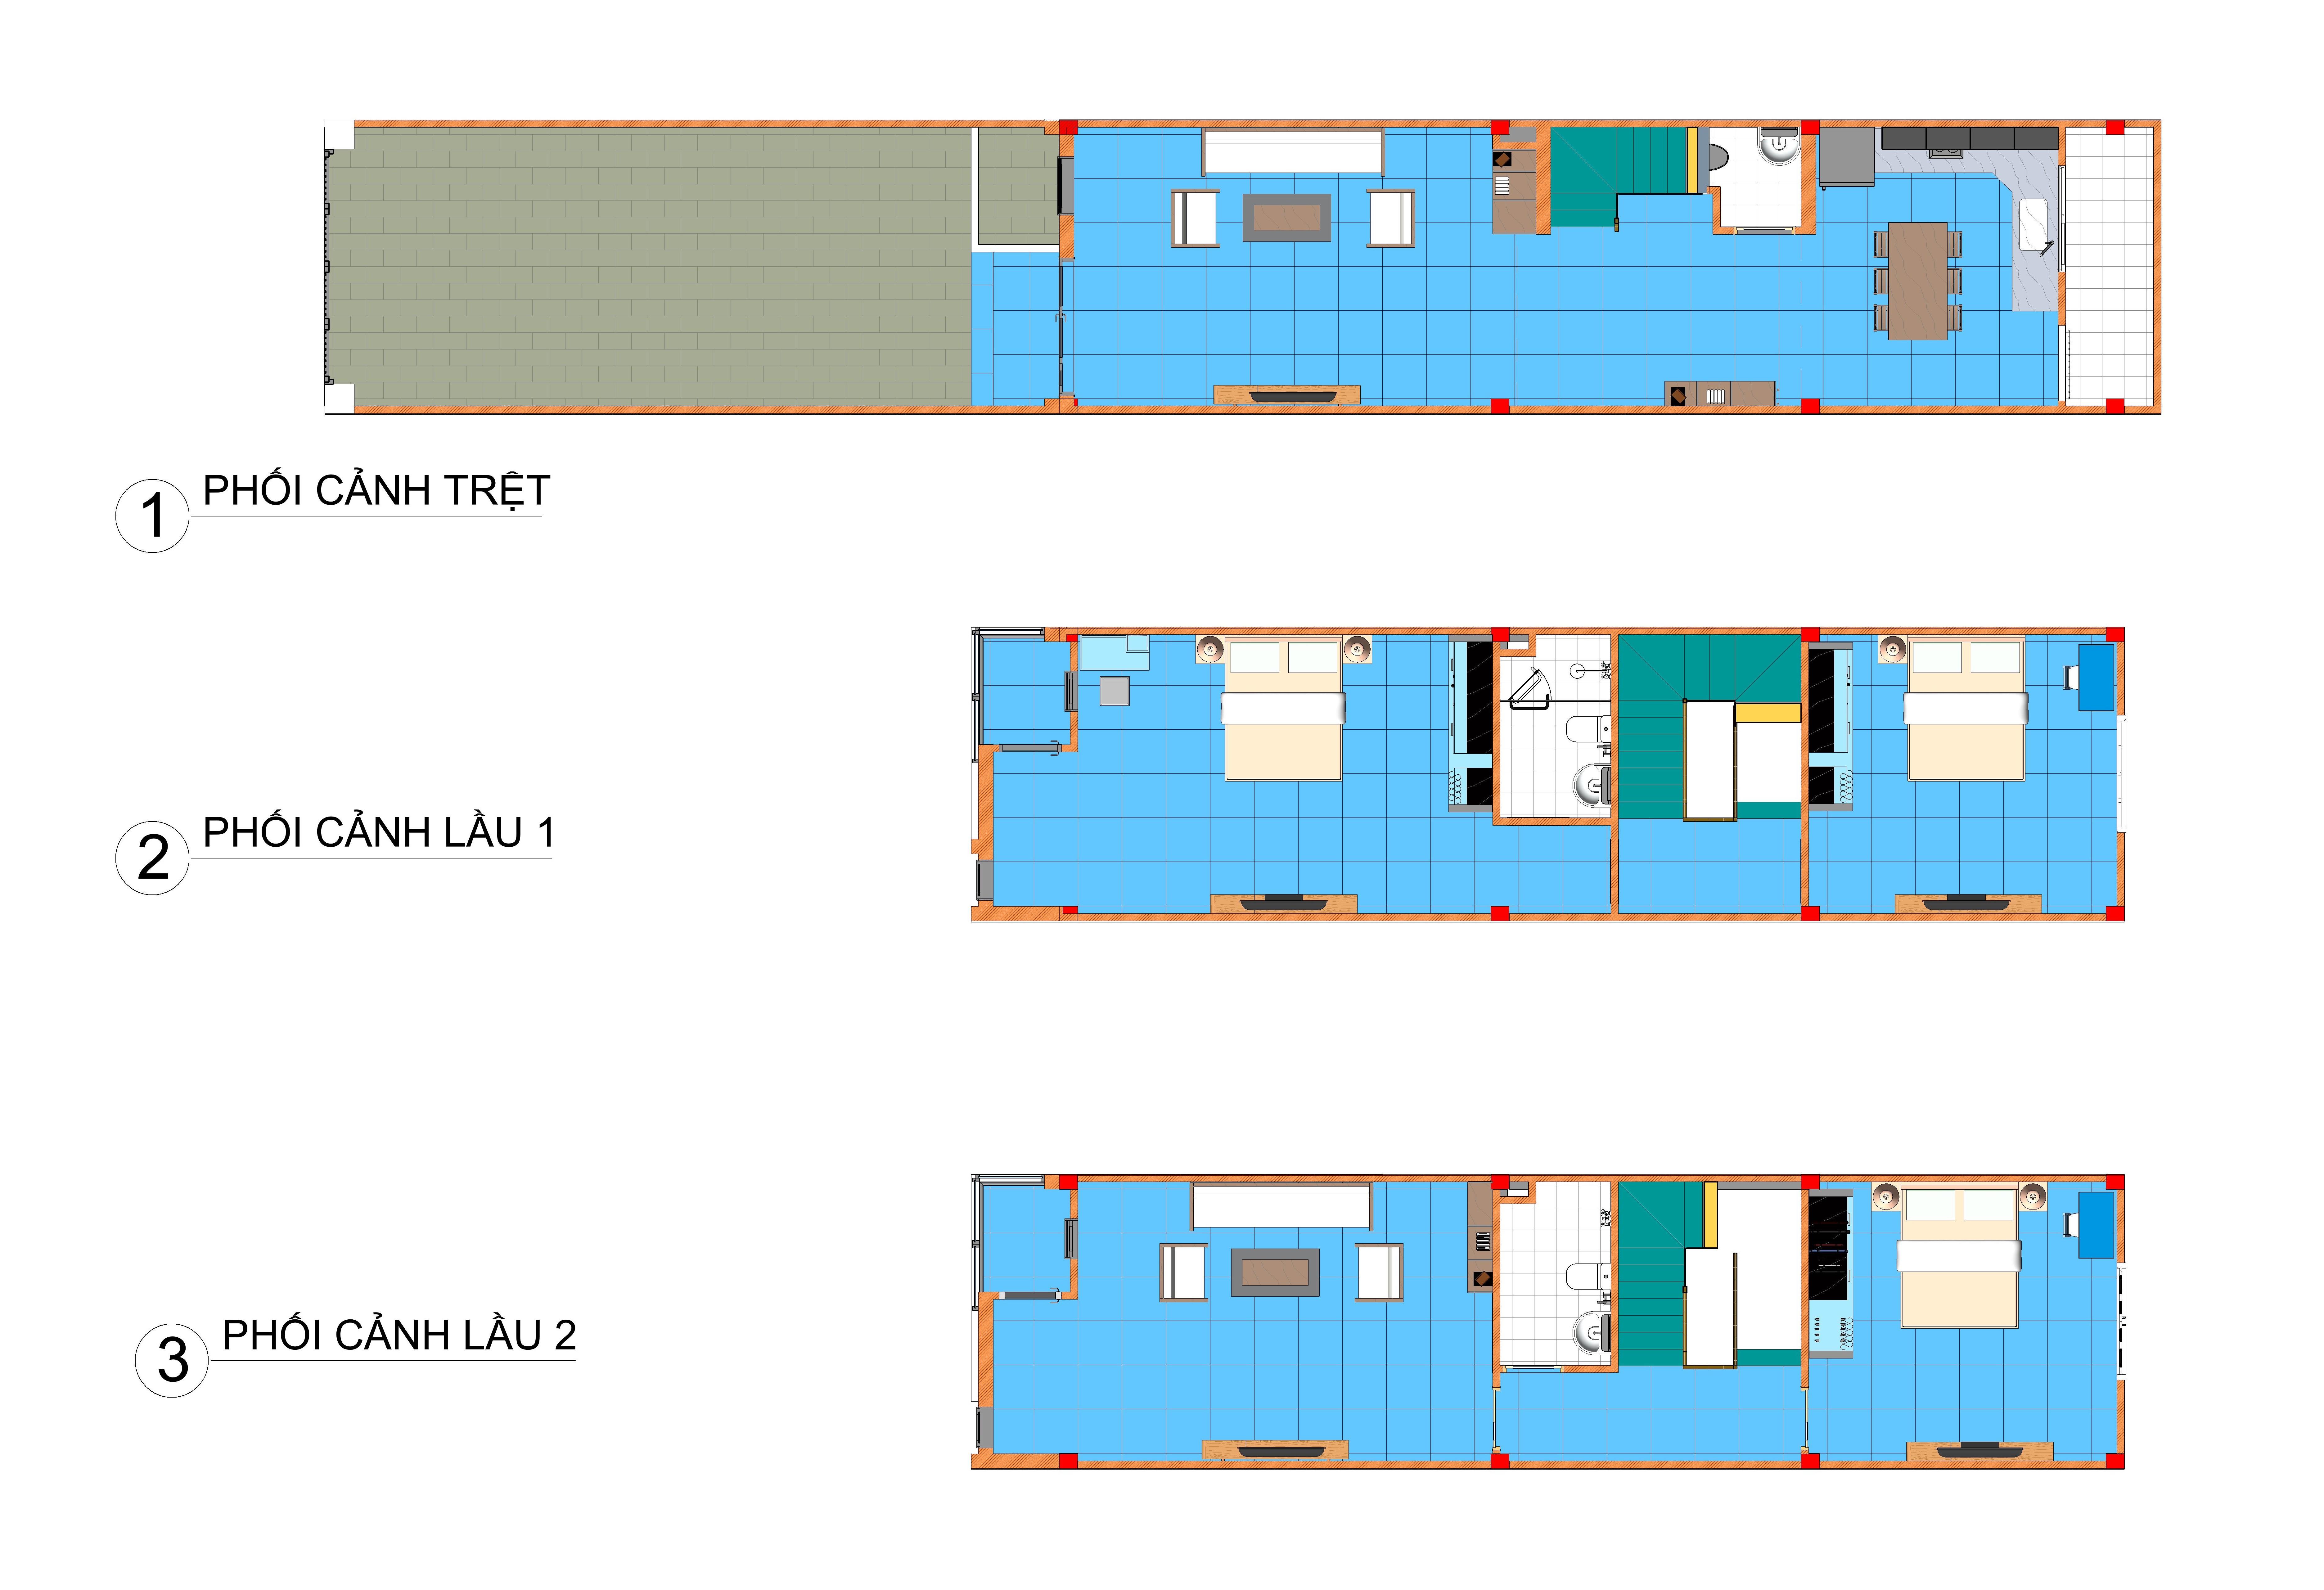 Thiết kế nội thất Nhà Mặt Phố tại Bình Dương Nhà ở riêng lẻ 1586098430 1